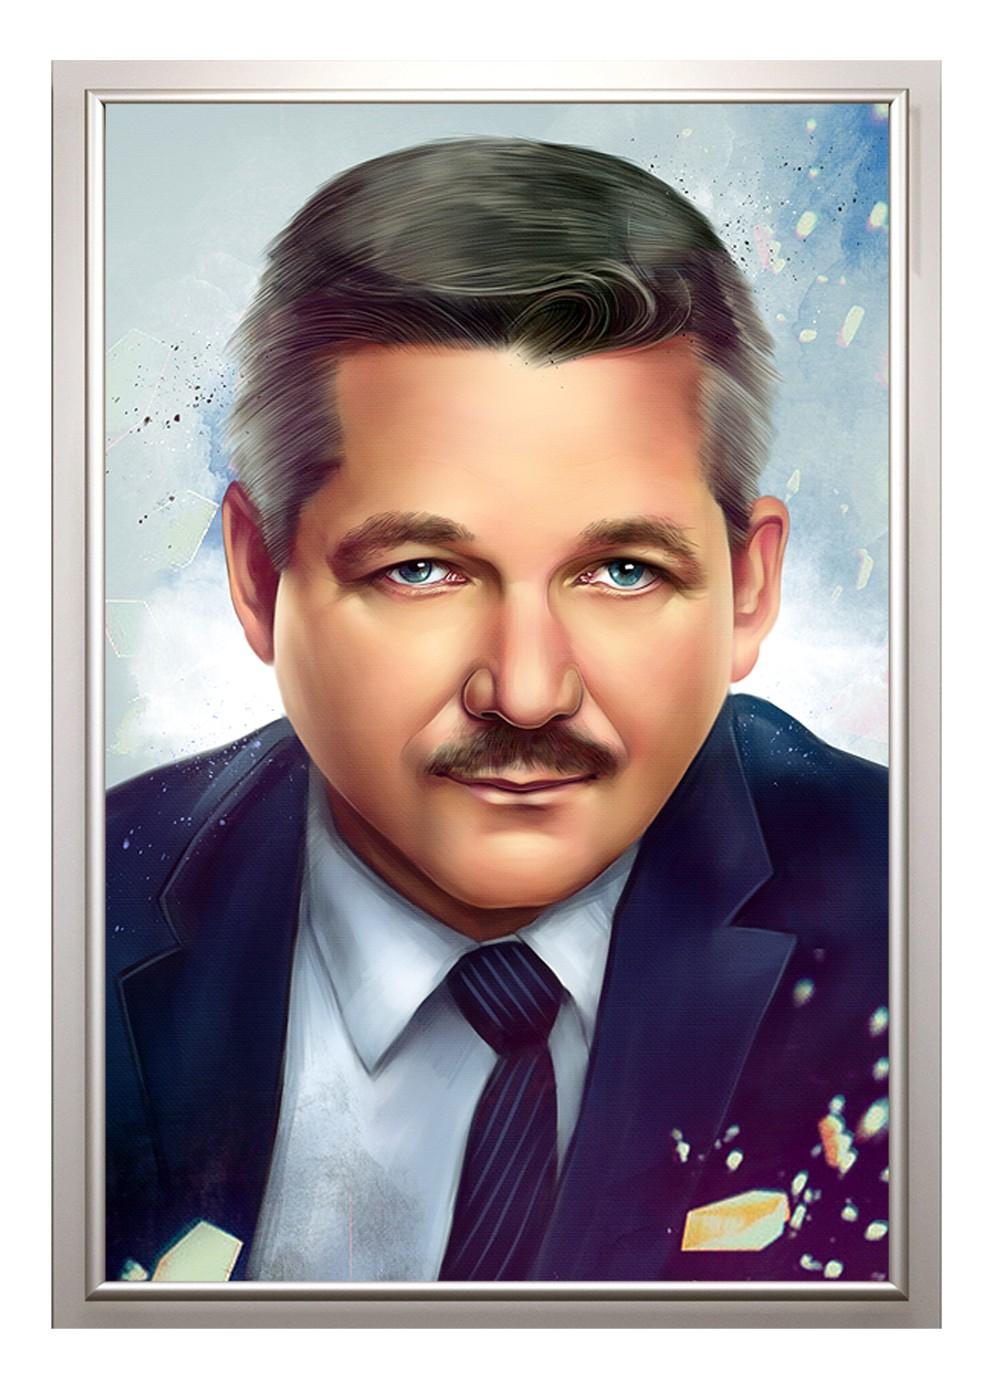 Дизайнерский портрет по фото на день рождения, 100х150 см